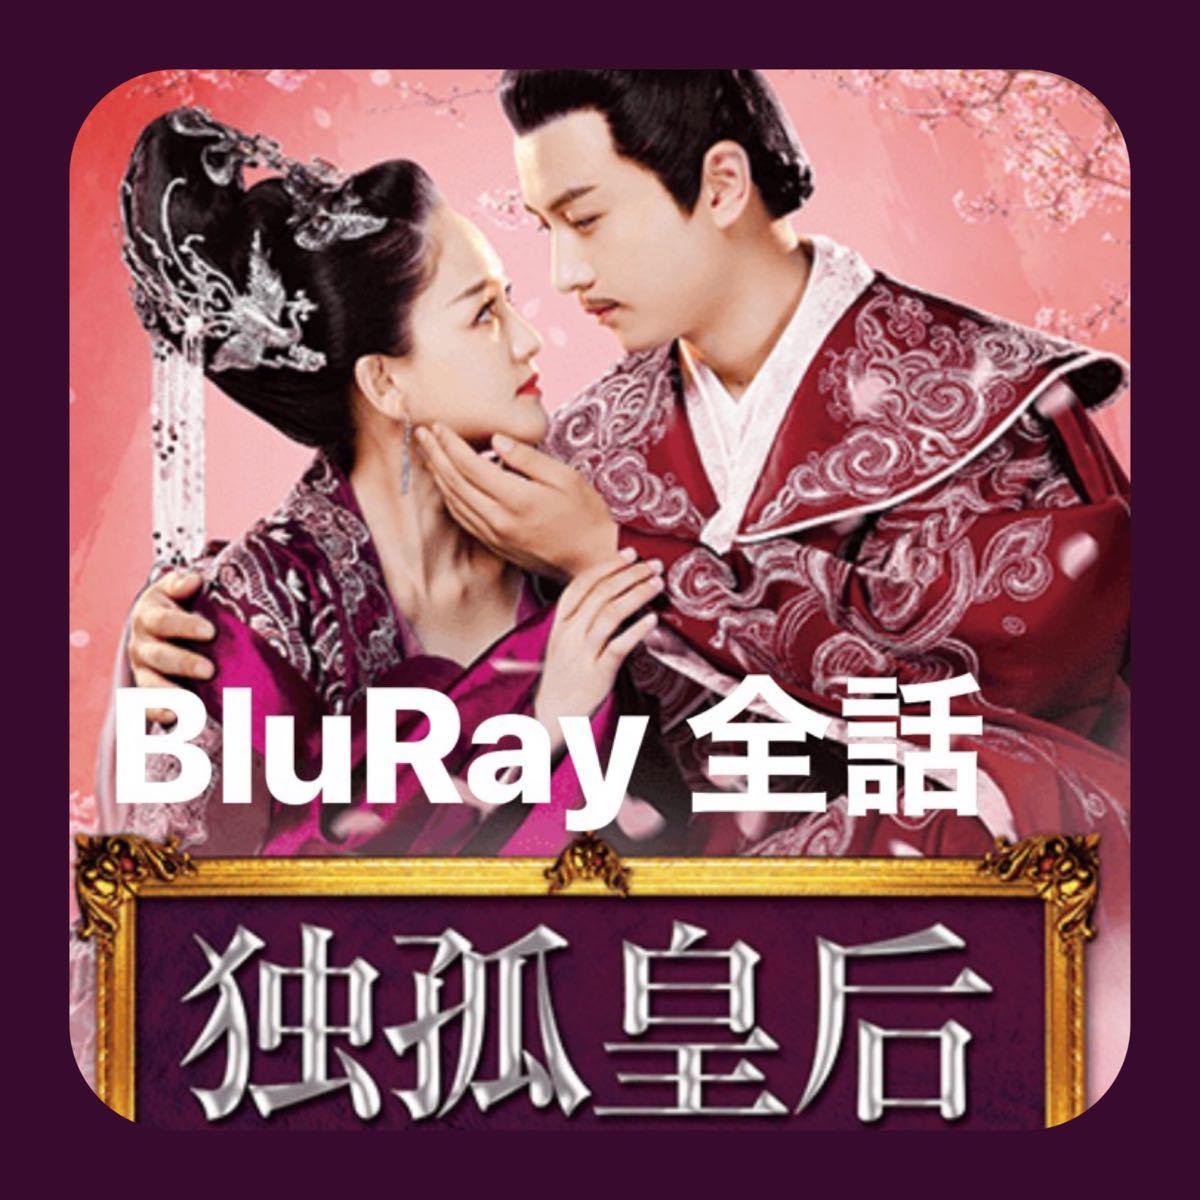 中国ドラマ 独孤皇后 BluRay全話 ☆画質良☆